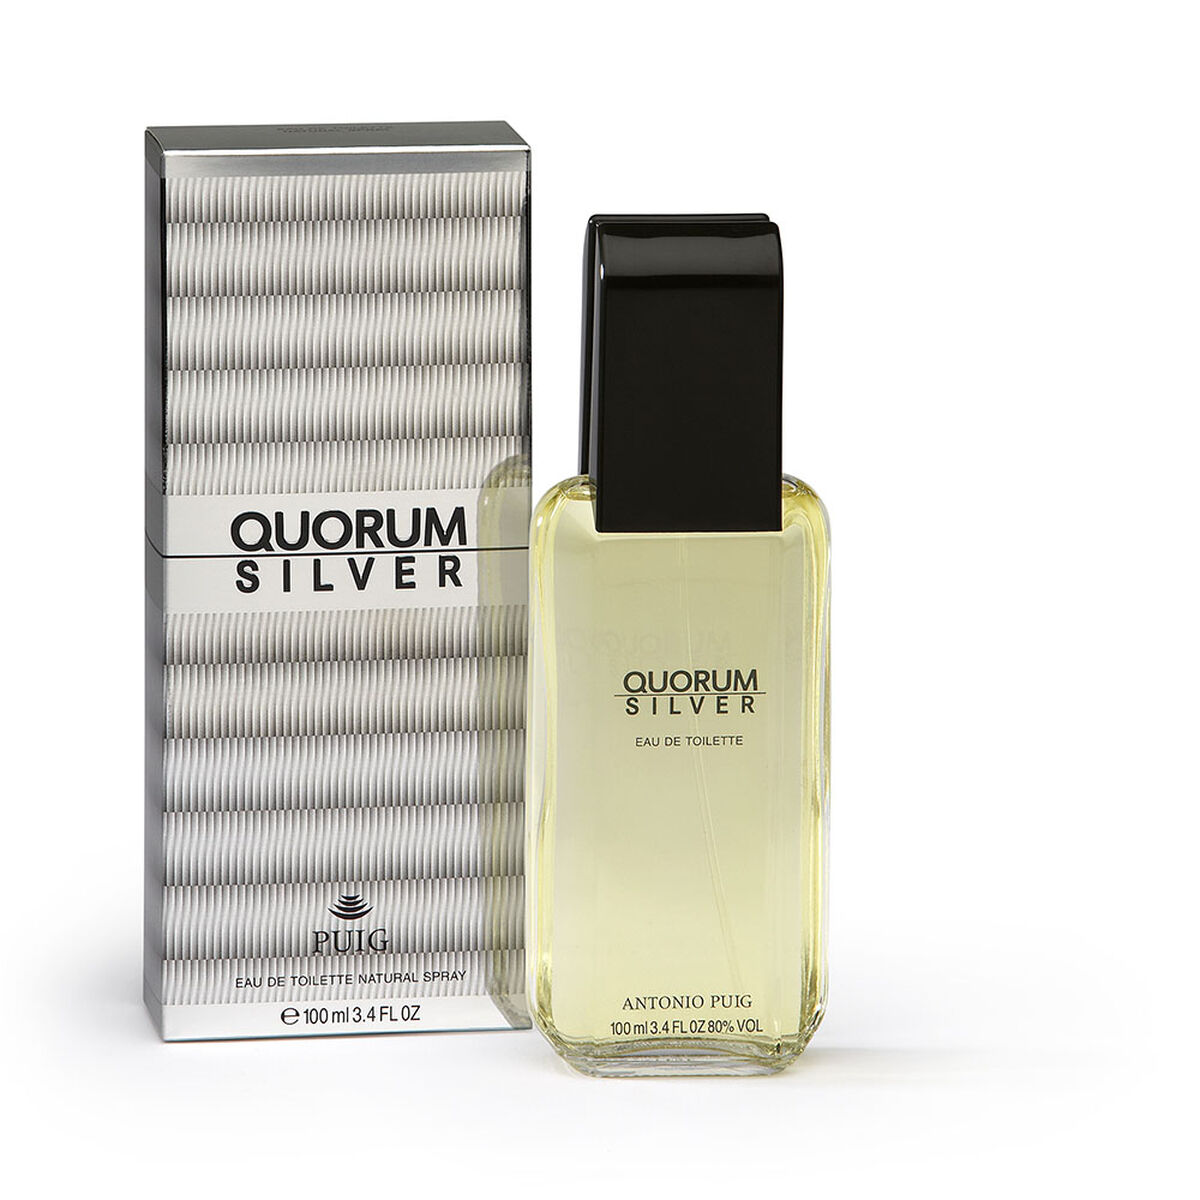 Perfume Quorum Silver EDT 100 ml